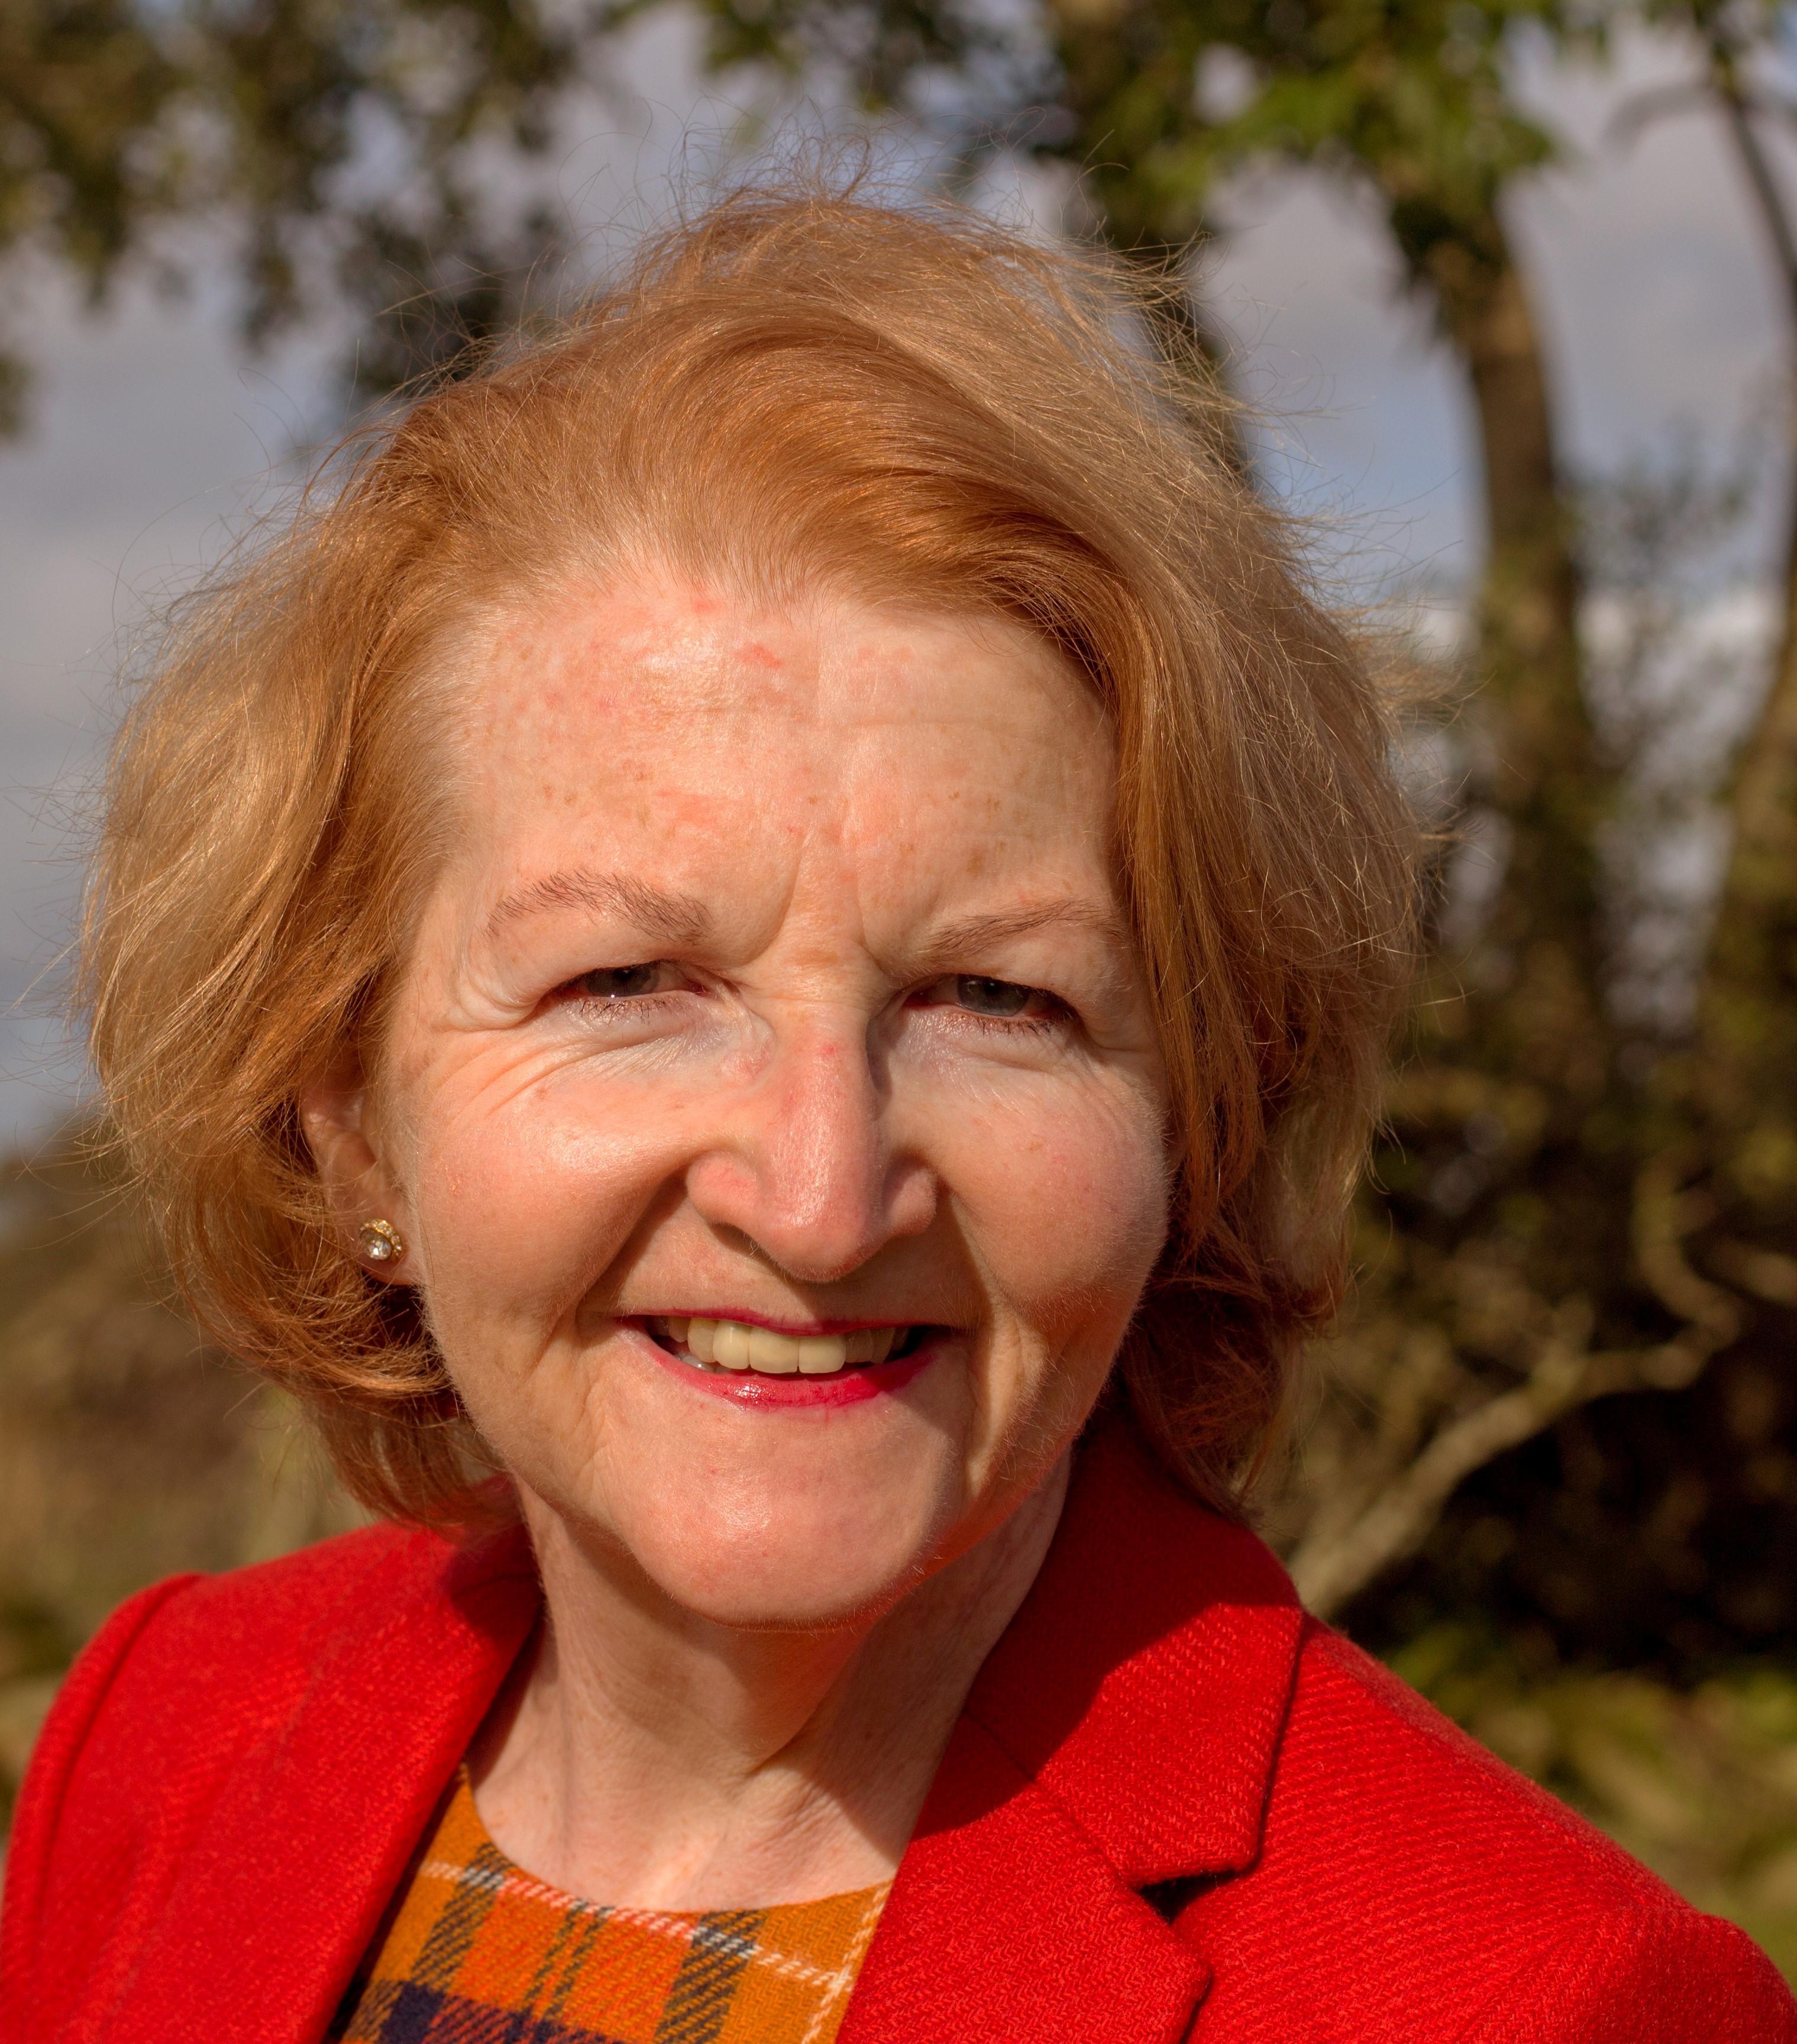 Bernadette O'Kane